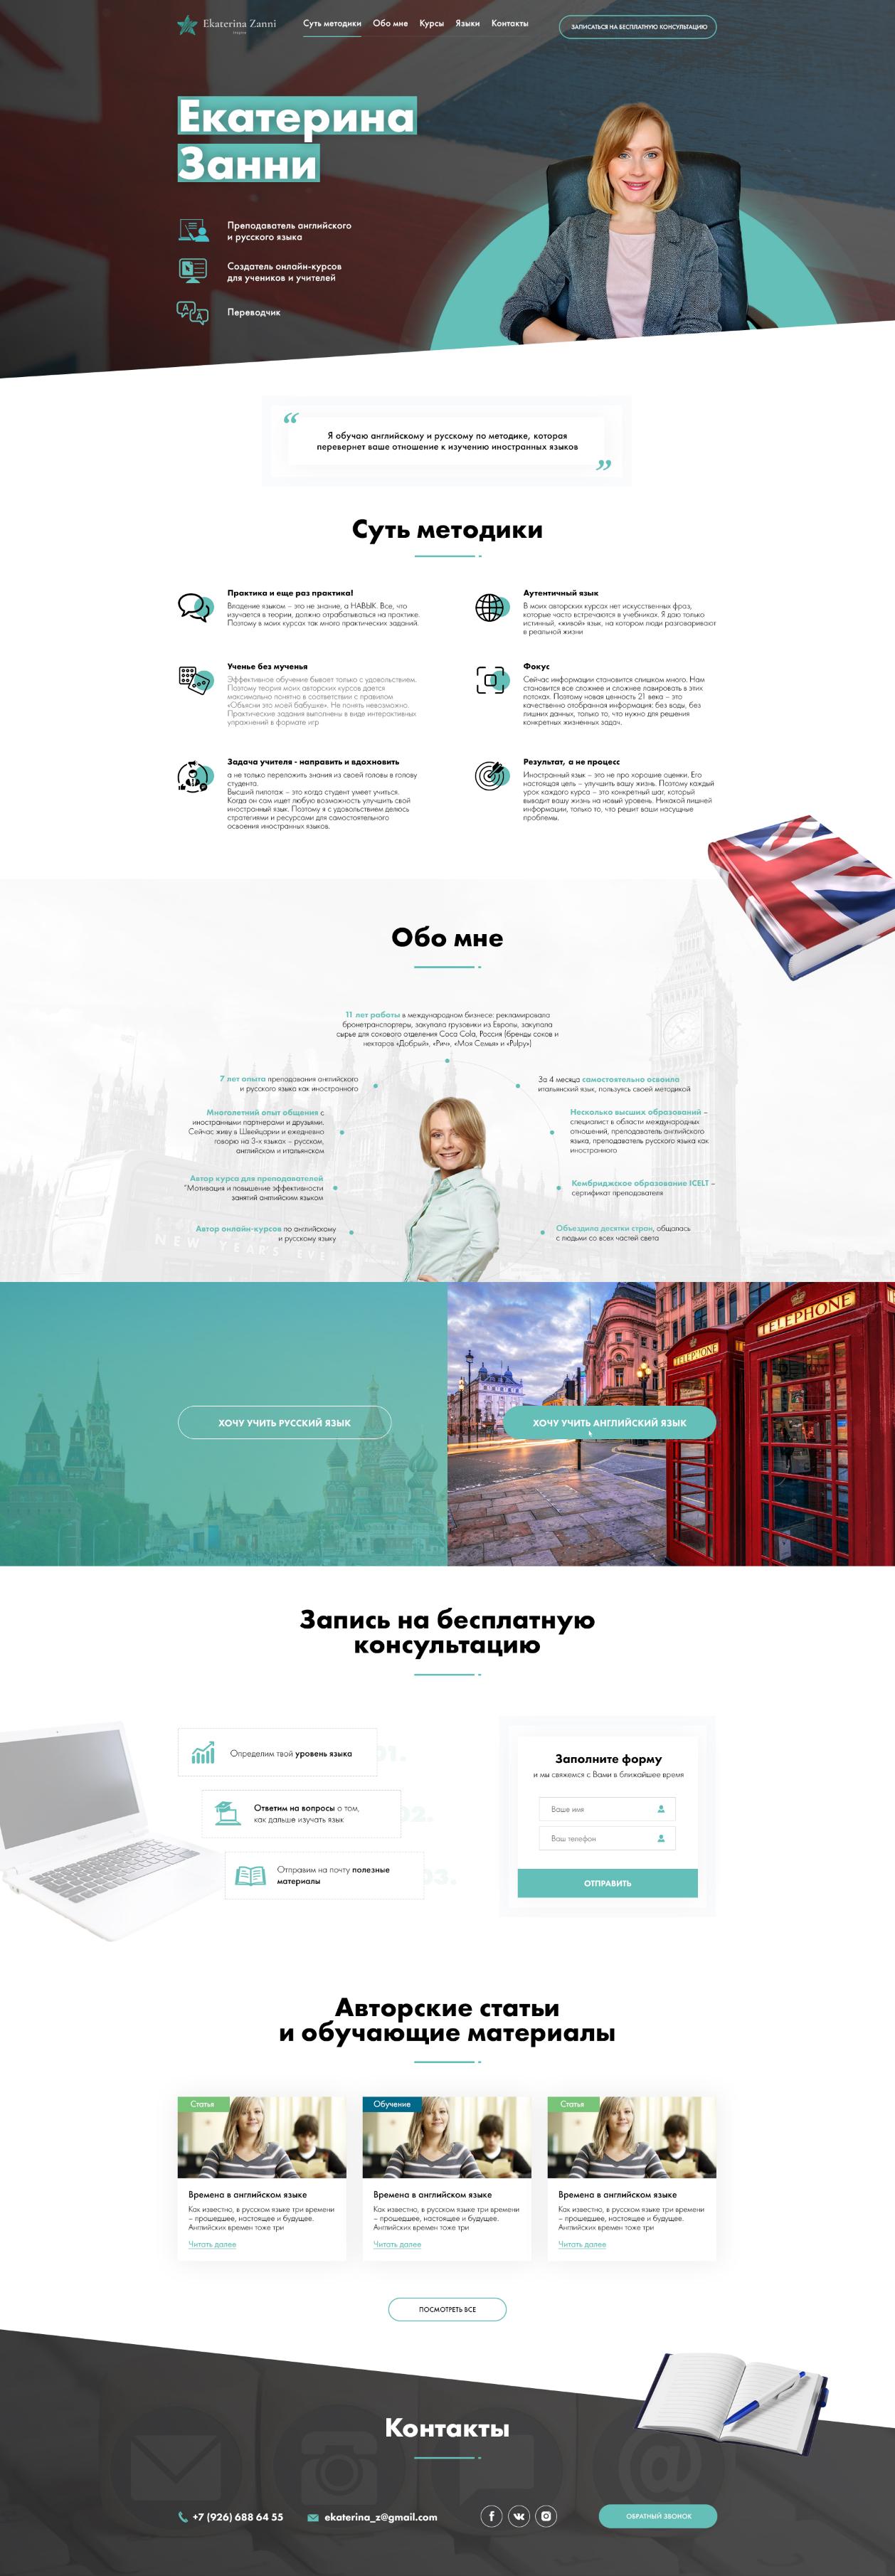 Преподаватель английского Екатерина Занни. Многостраничный сайт на CMS WordPress